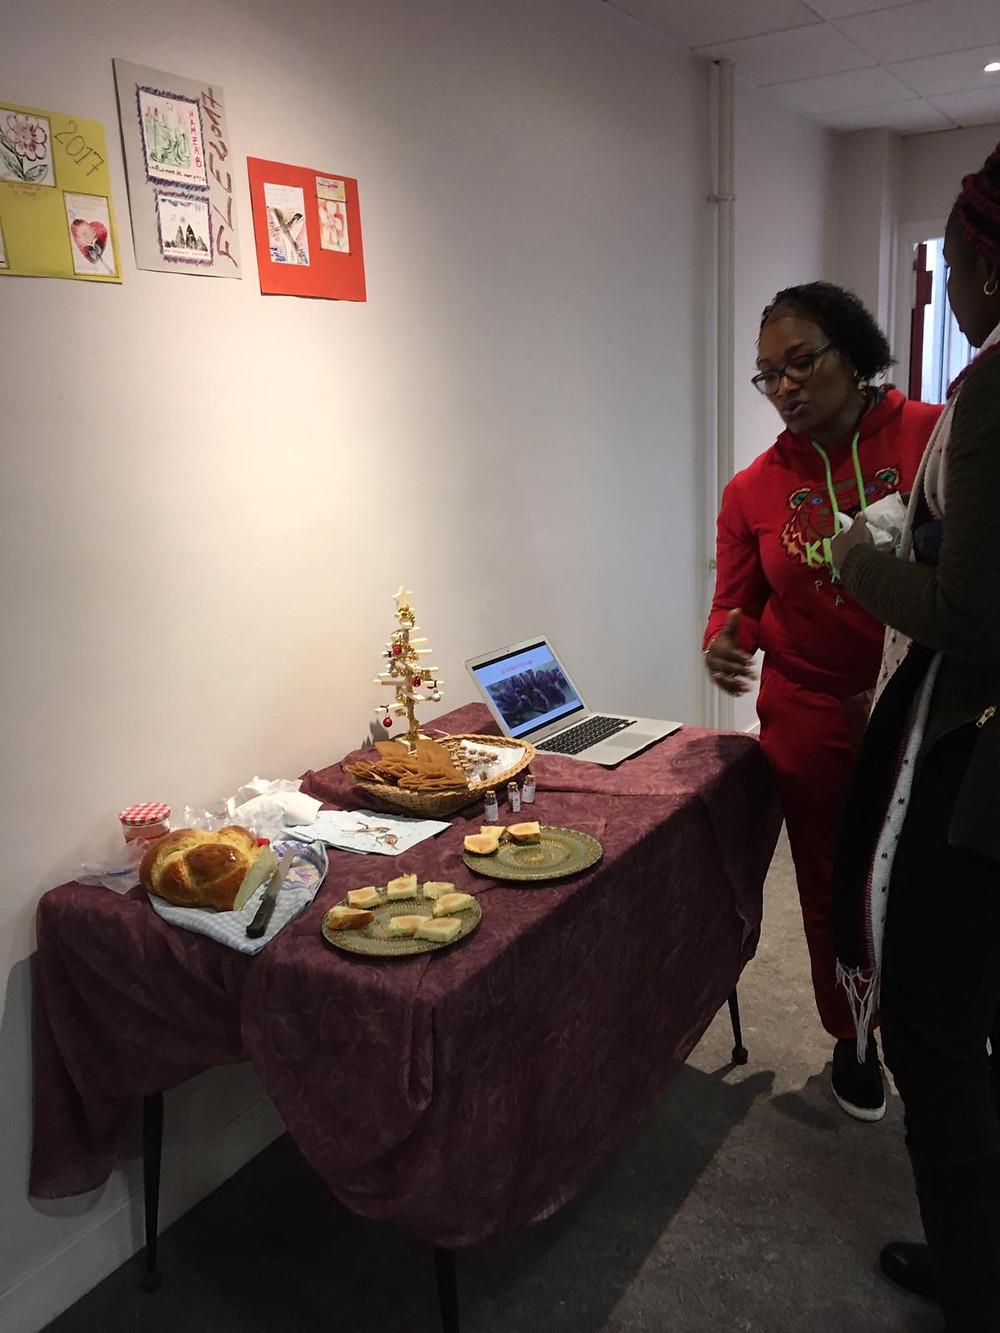 Lors de la journée du téléthon, une table a été mise à disposition pour le Safran de Sénart.